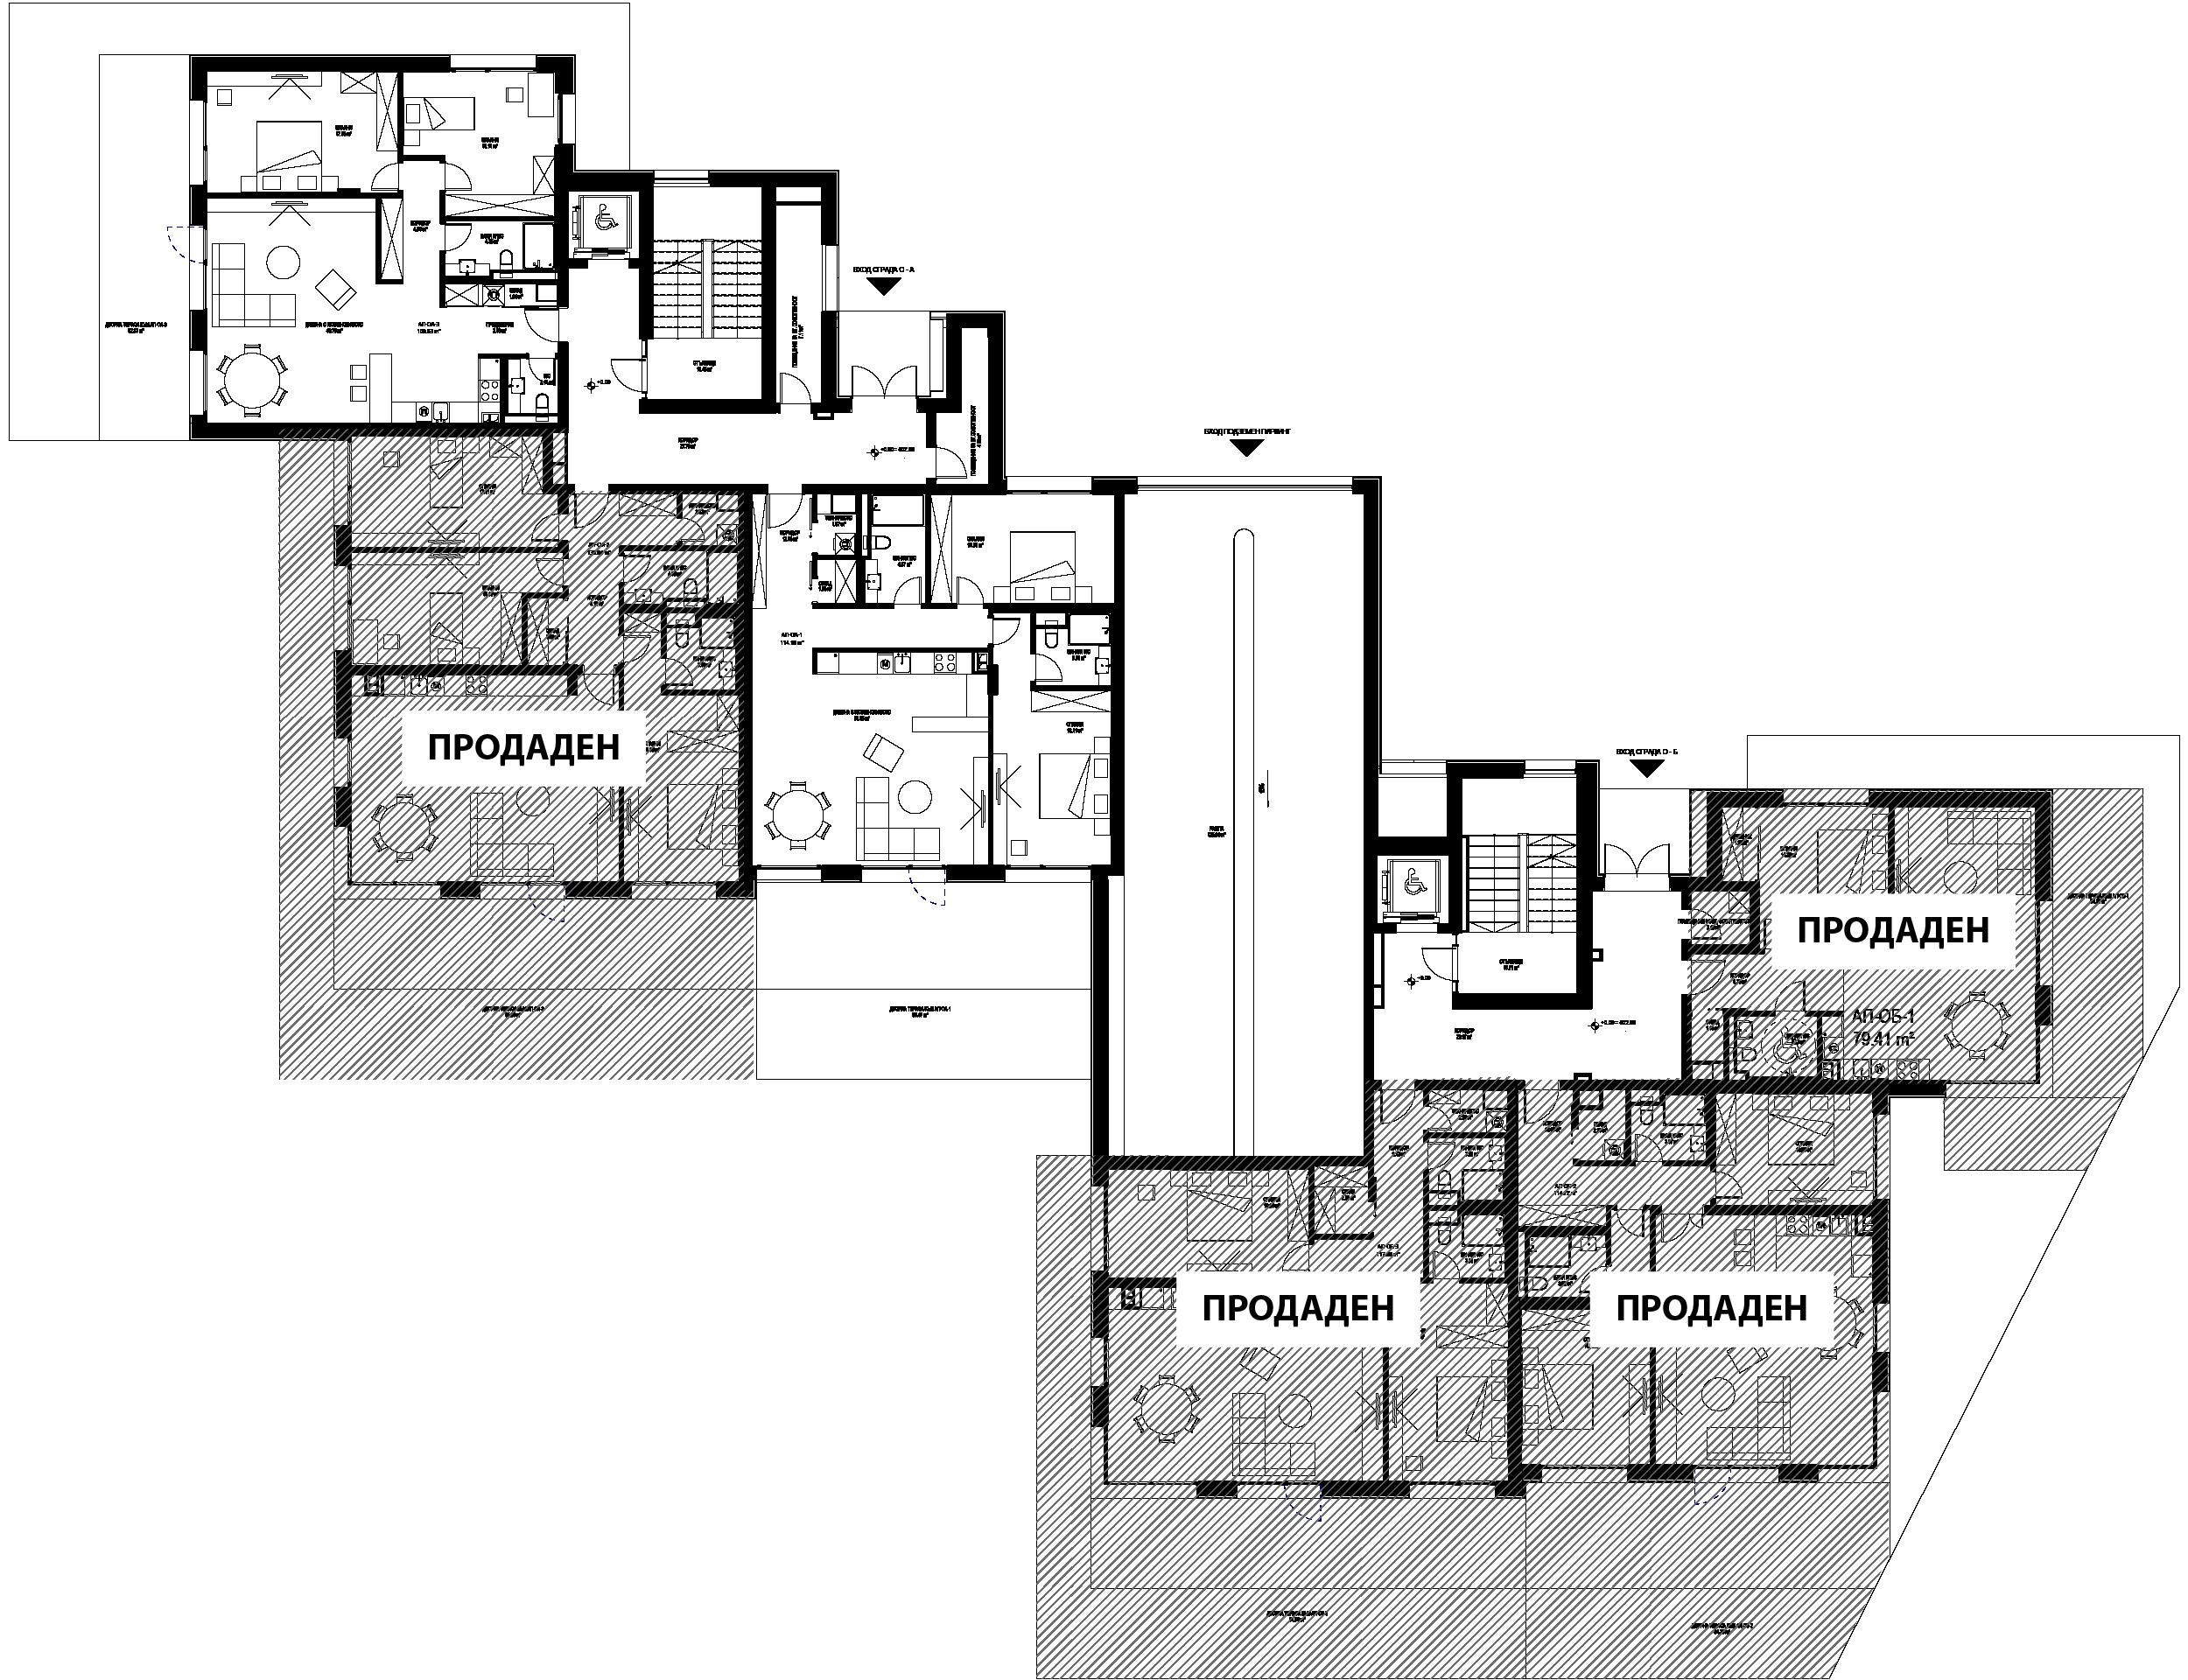 O - Етаж 1 1